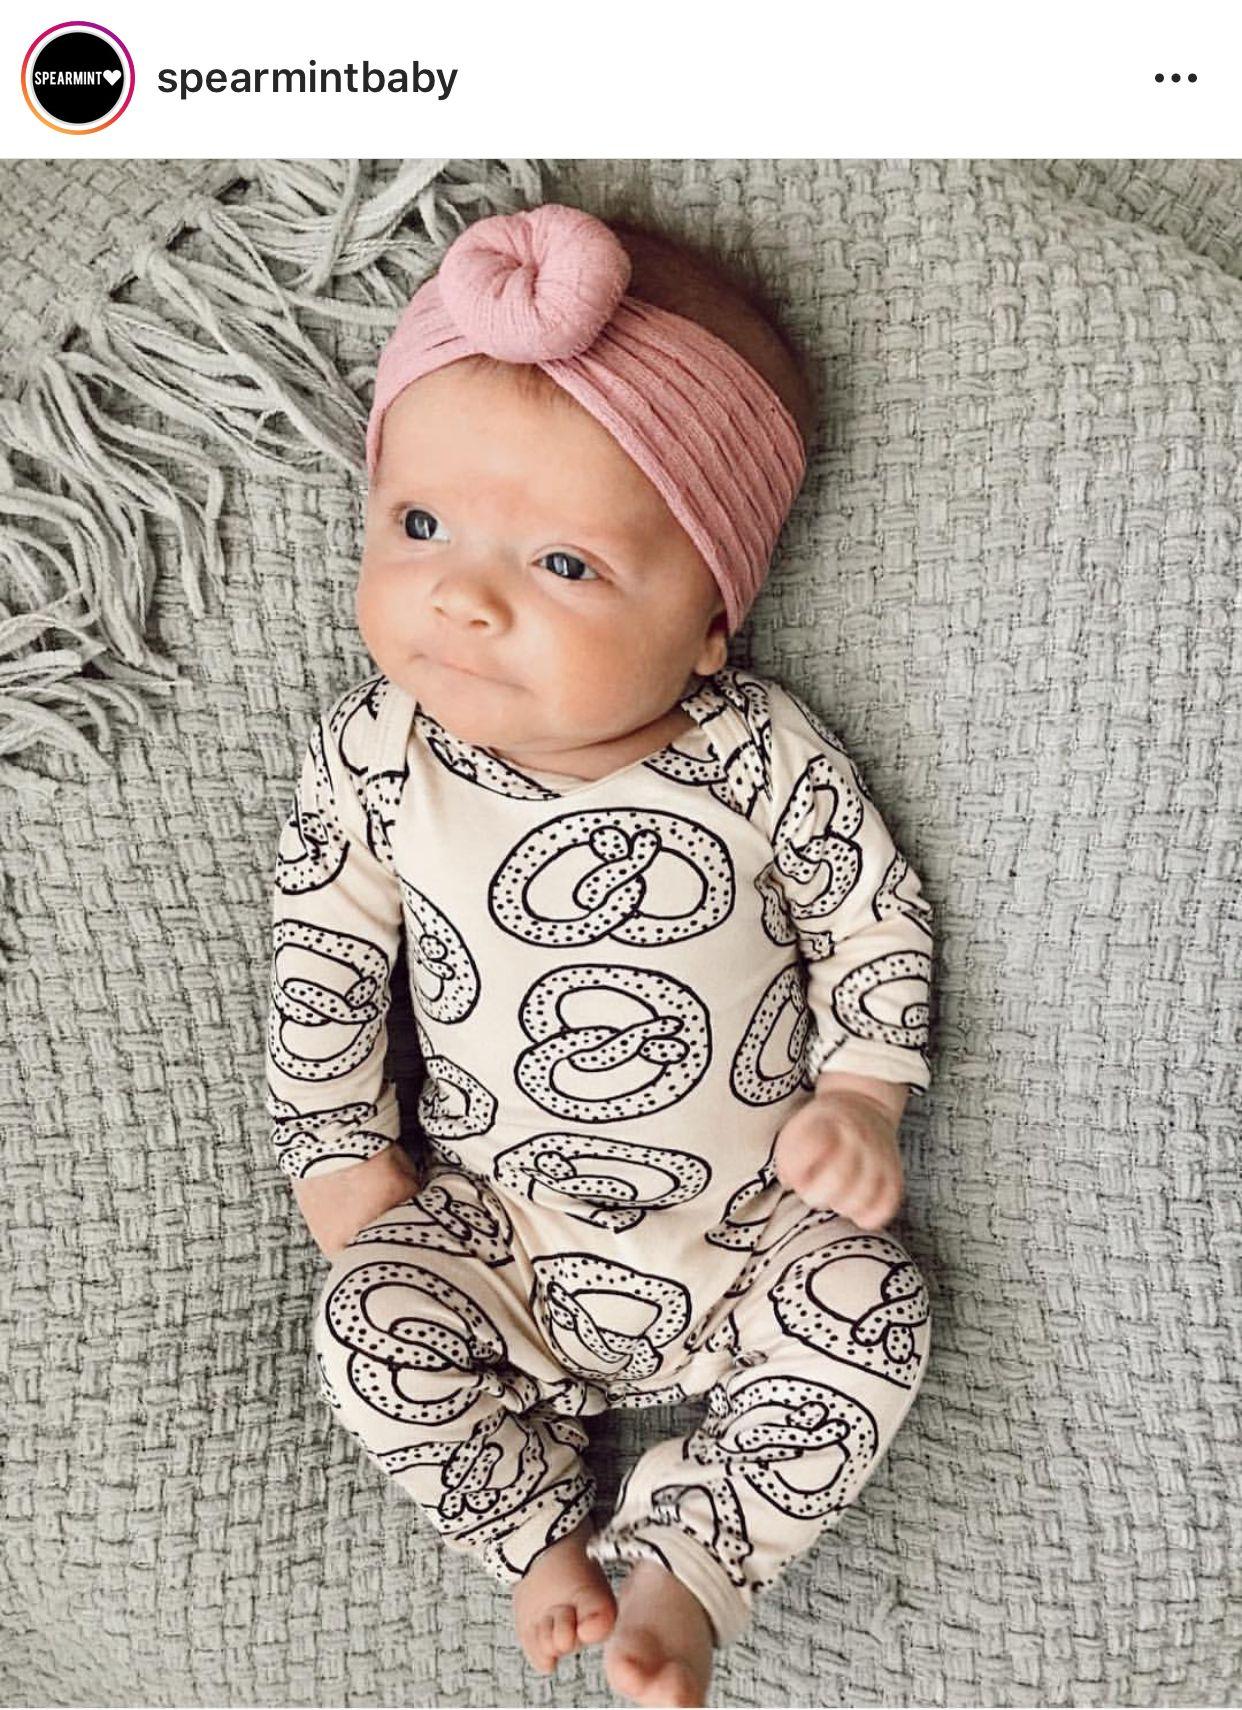 #cute #cutebaby #babygirl #babyheadbands #babyfashion #babyoutfit #newborn